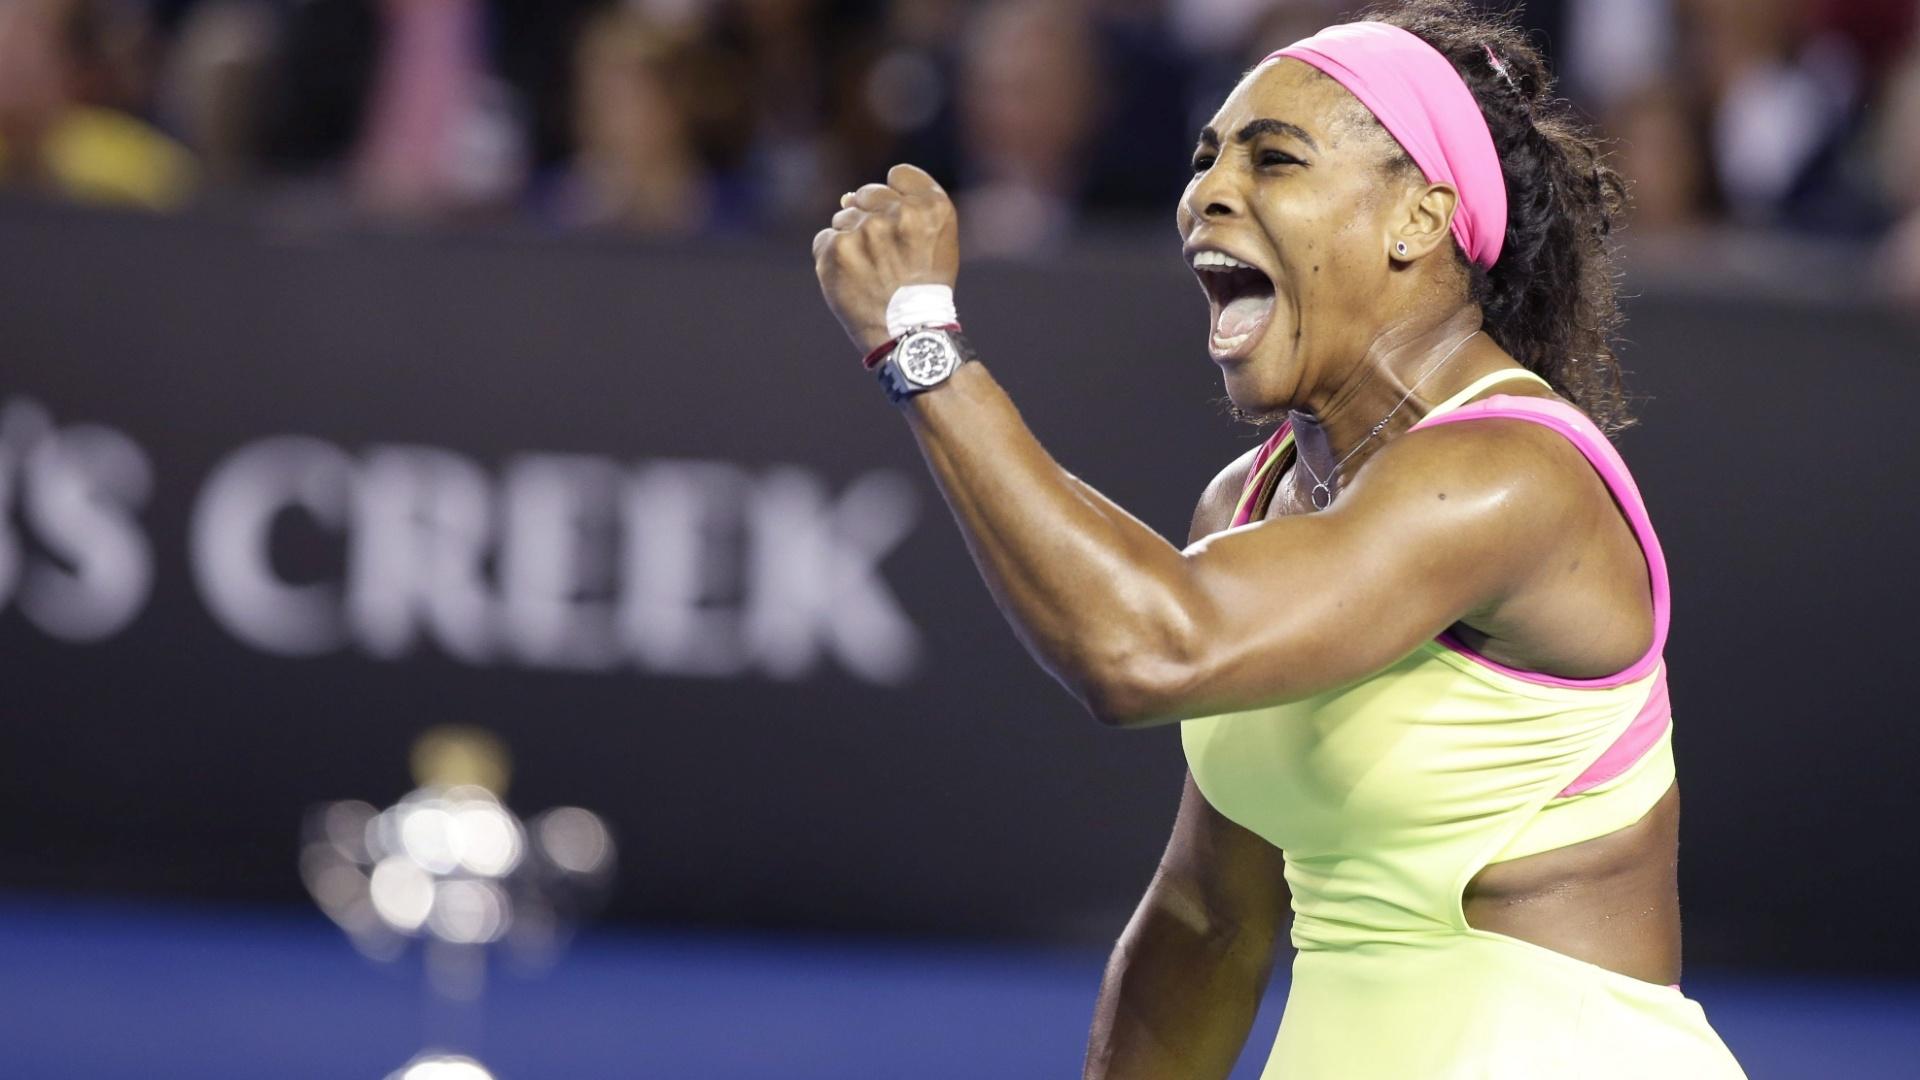 Serena conquistou neste sábado seu 19º título de Grand Slam